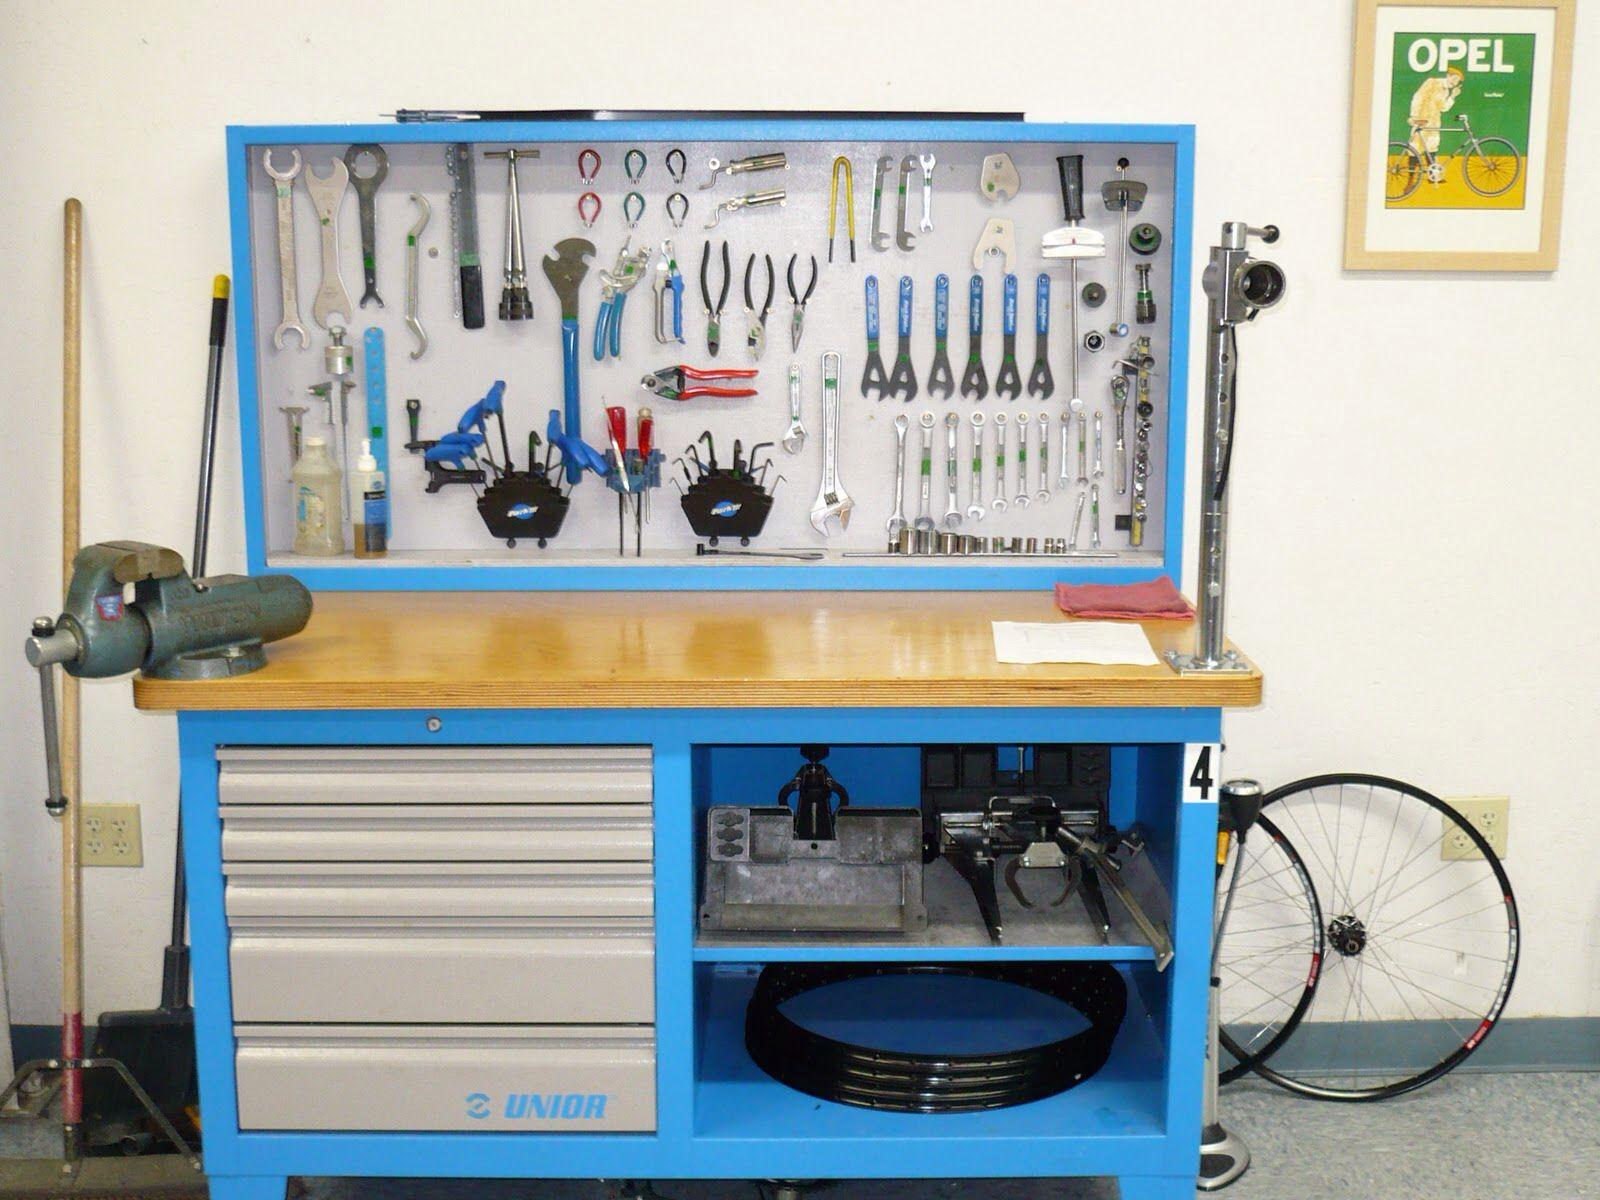 Best Kitchen Gallery: Workbench Bike Shop Ideas Pinterest Garage Doors And Doors of Home Bike Shop Design  on rachelxblog.com